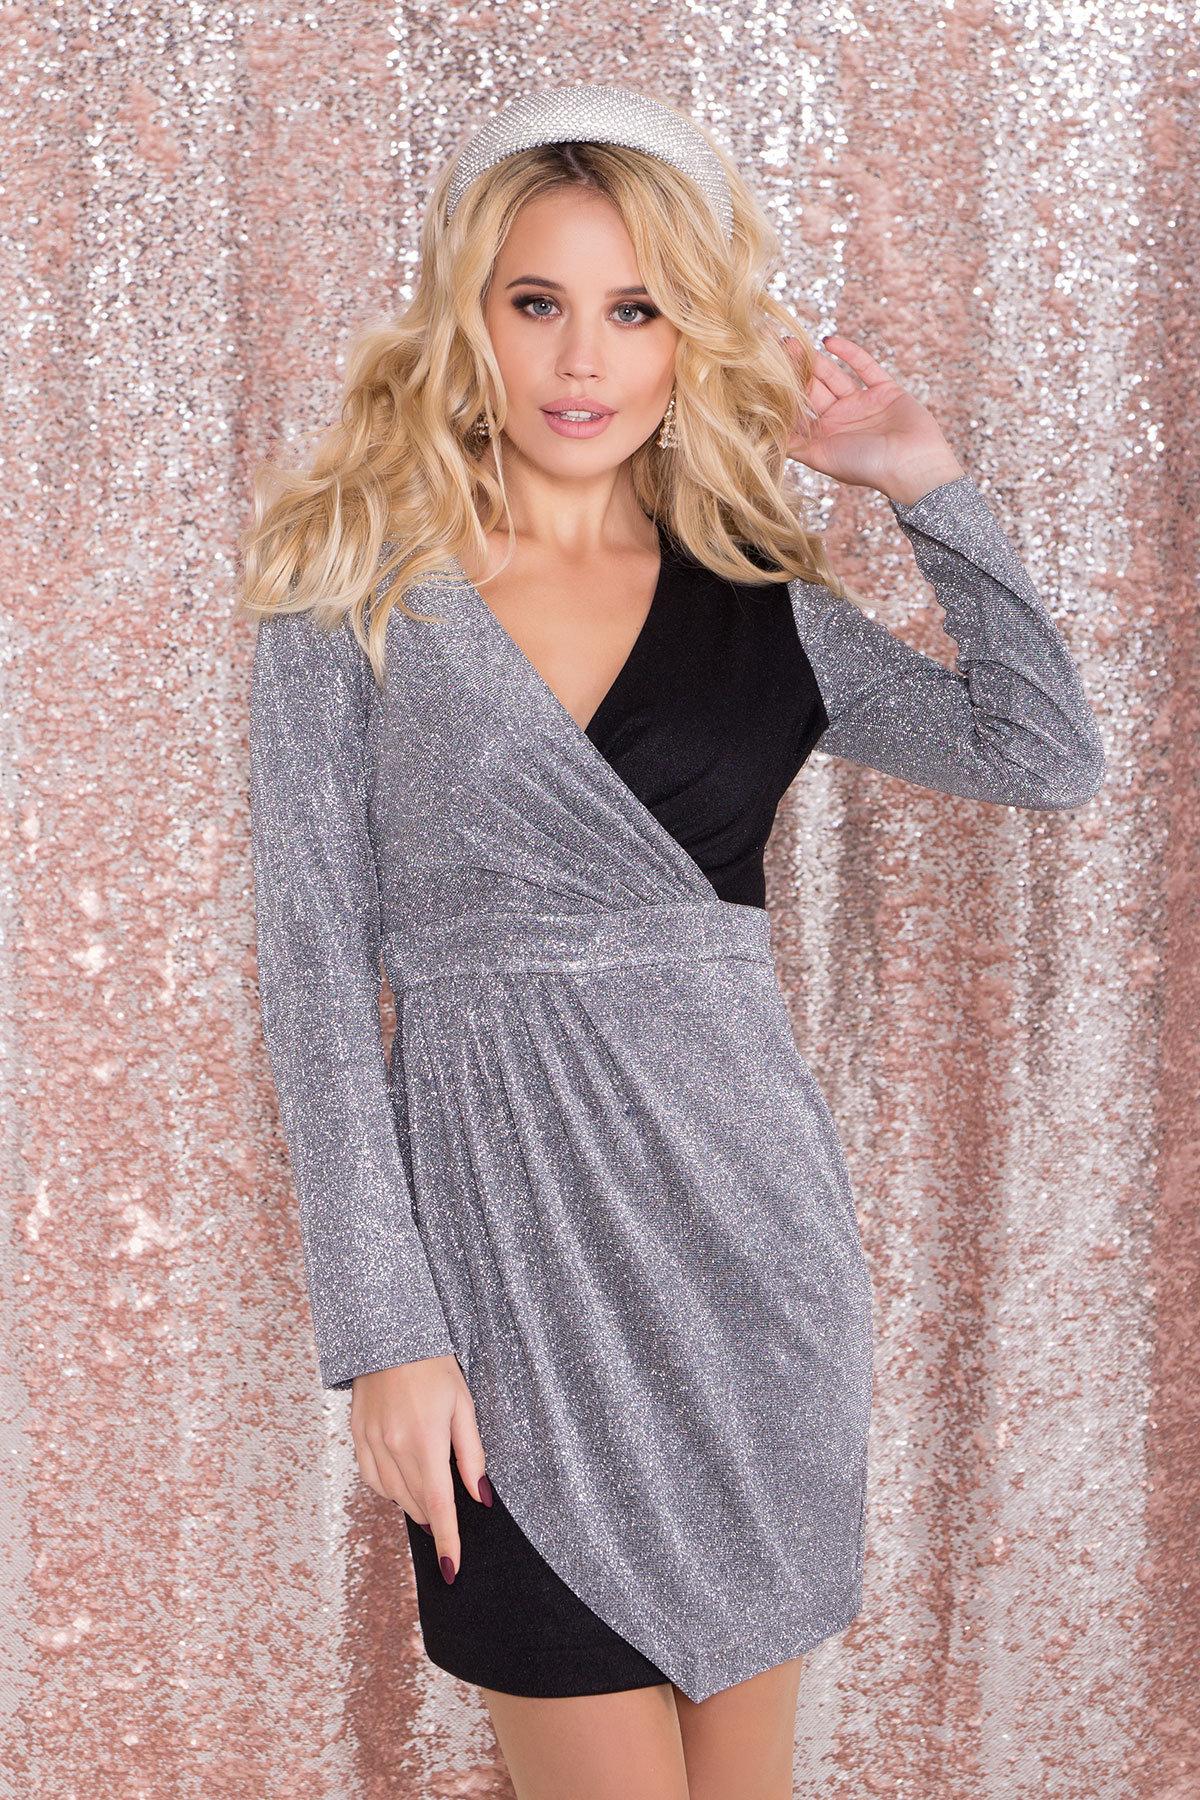 Контрастное двухцветное платье Блеск 8511 АРТ. 44864 Цвет: Серебро/графит - фото 2, интернет магазин tm-modus.ru